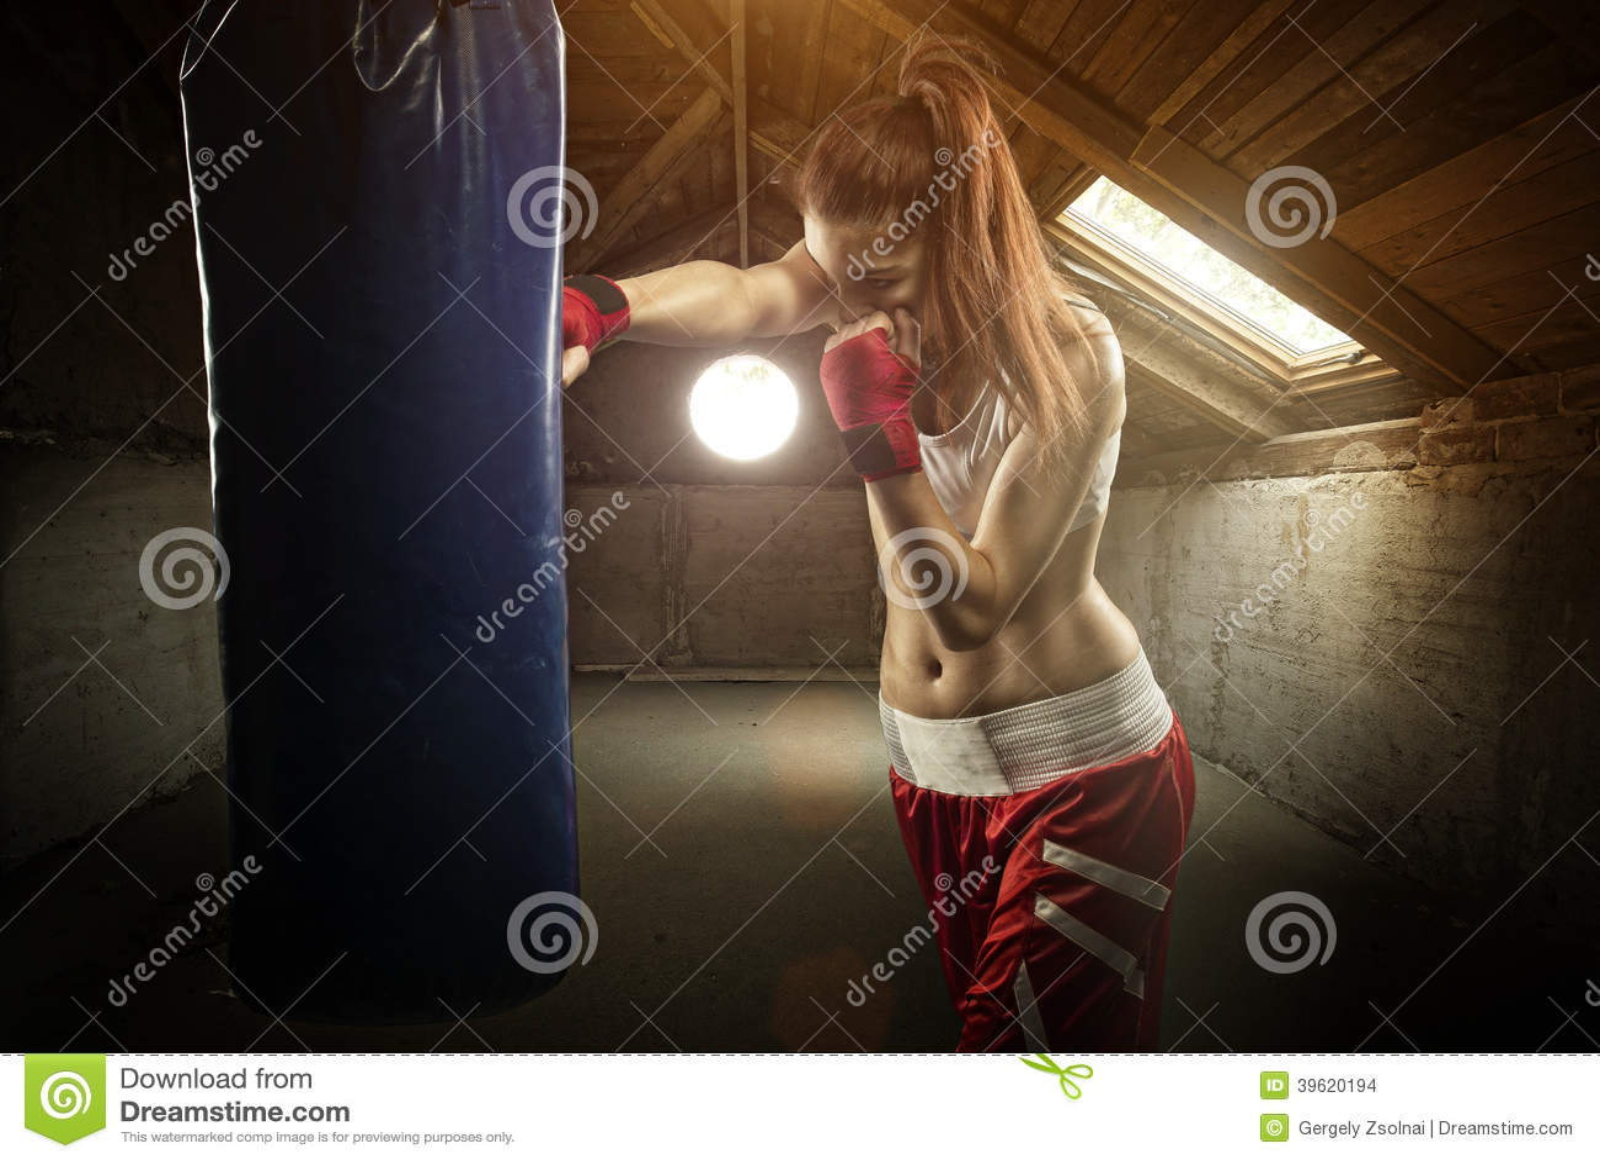 Het jonge vrouwen in dozen doen, die de in dozen doende zak - op de zolder raken